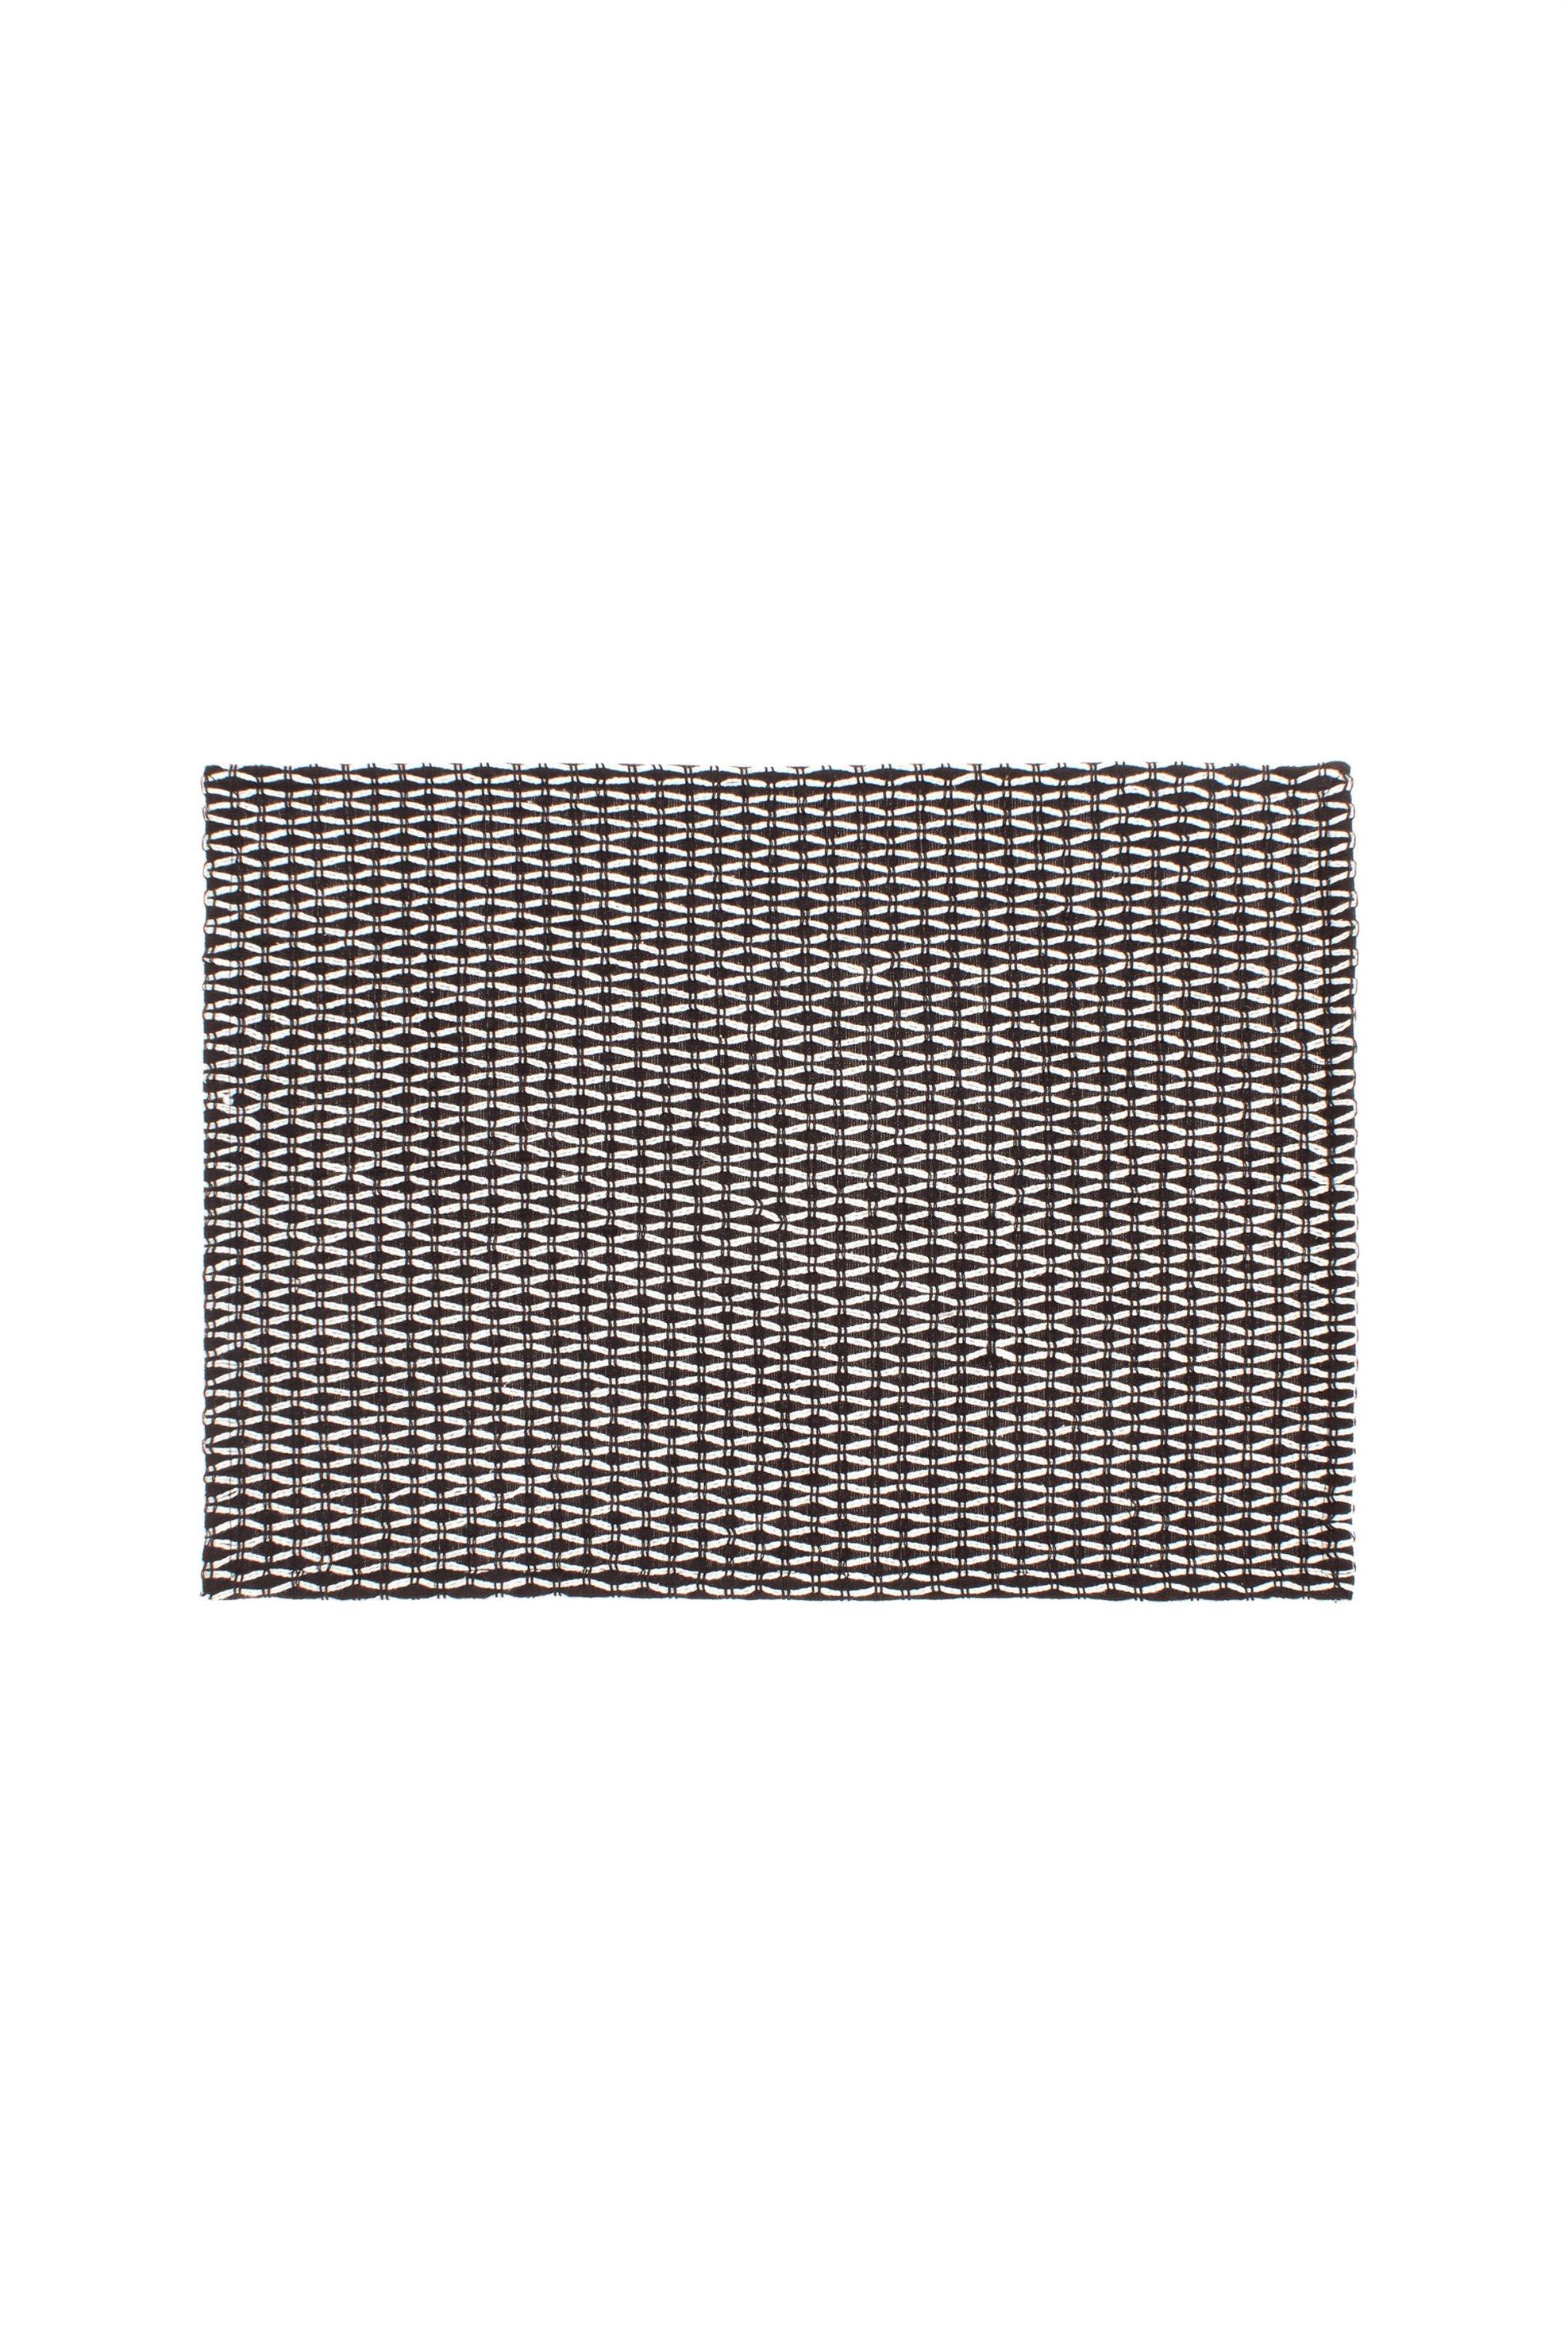 Σουπλά με γεωμετρικό σχέδιο 140 x 40 cm Coincasa - 000495907 - Μαύρο home   κουζινα   σουπλά